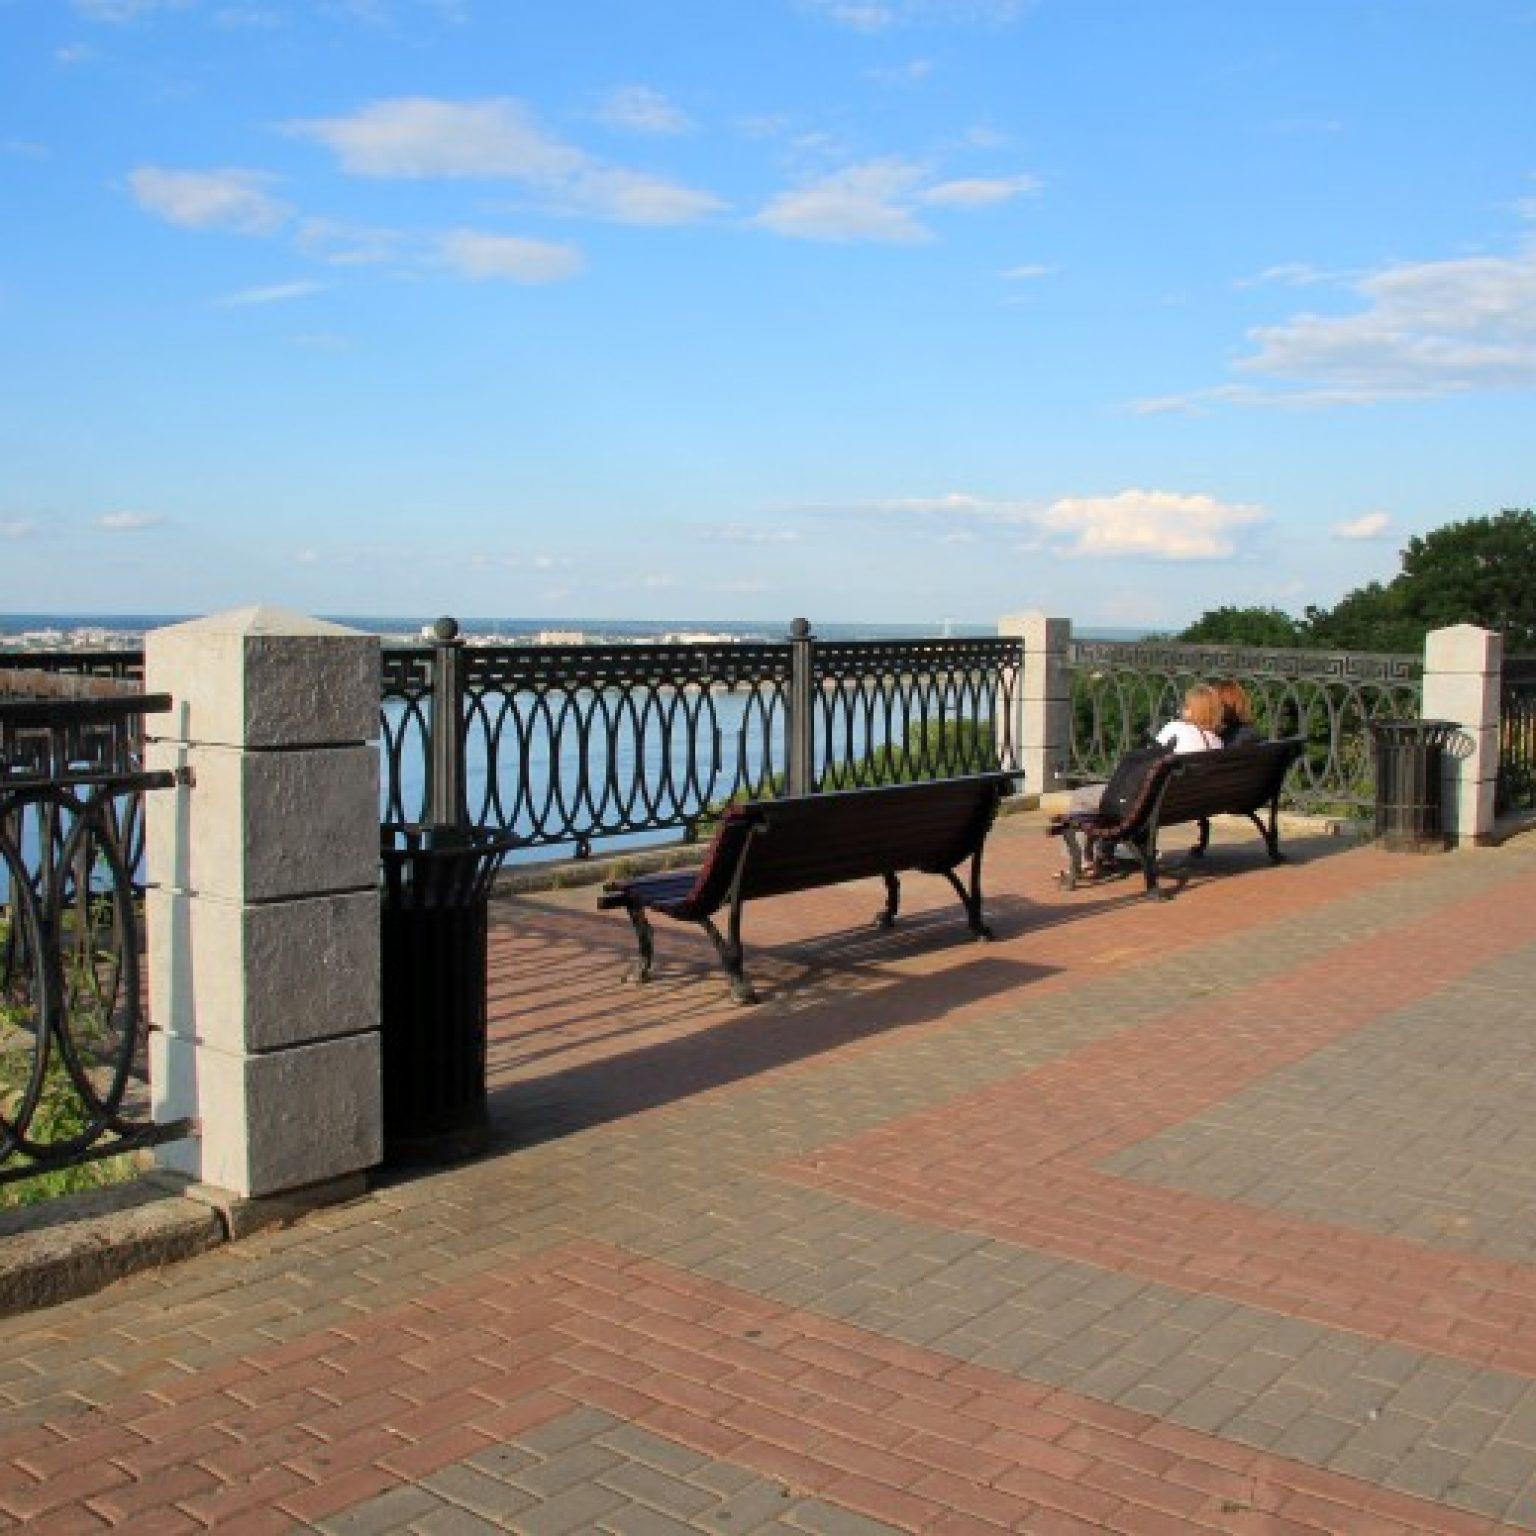 Достопримечательности Нижнего Новгорода: Верхневолжская набережная